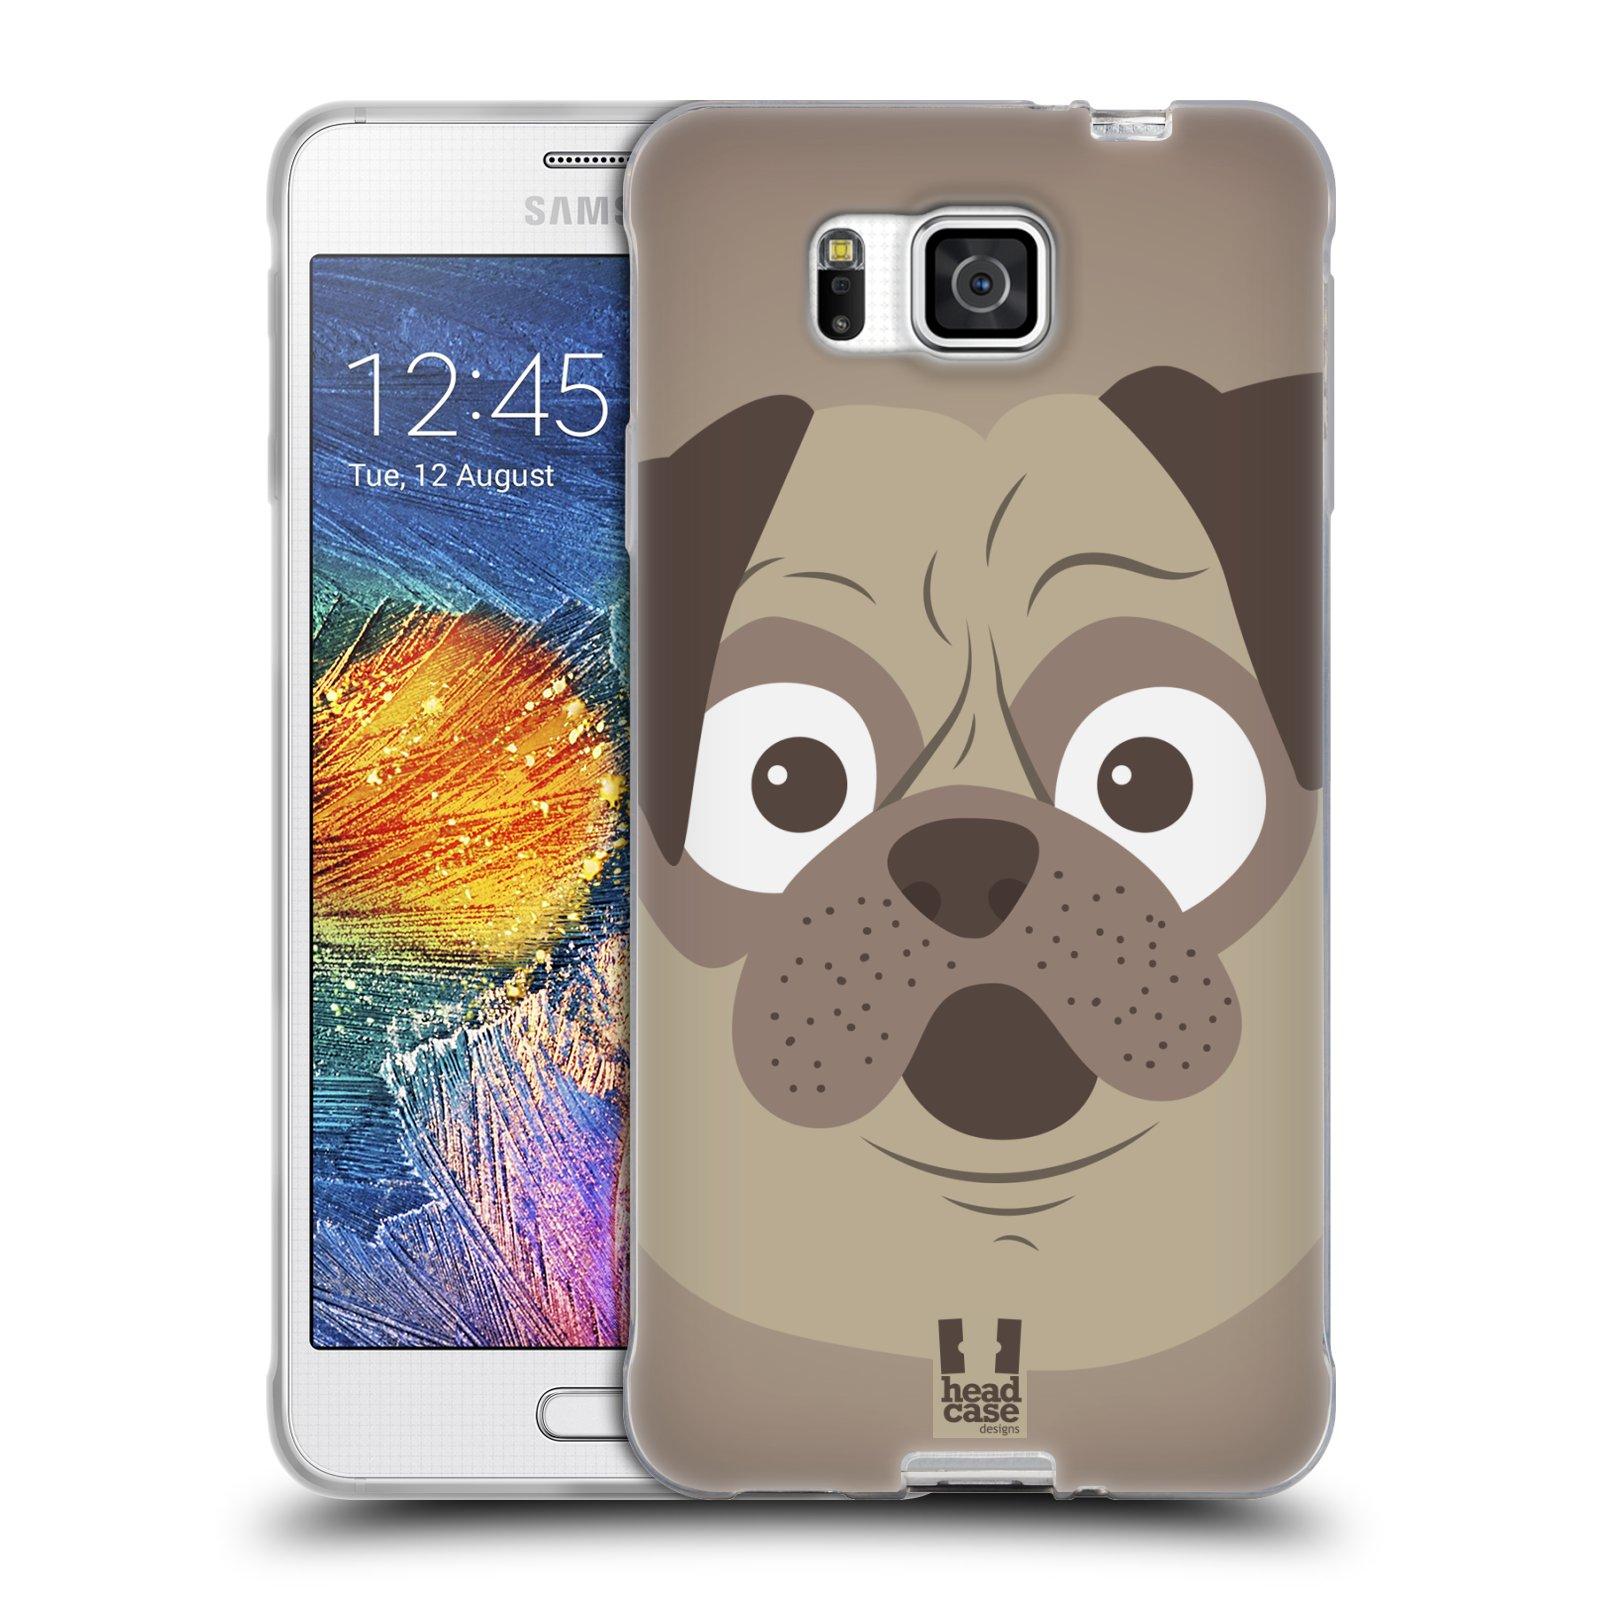 HEAD CASE silikonový obal na mobil Samsung Galaxy ALPHA vzor Cartoon Karikatura barevná kreslená zvířátka pes mopsík